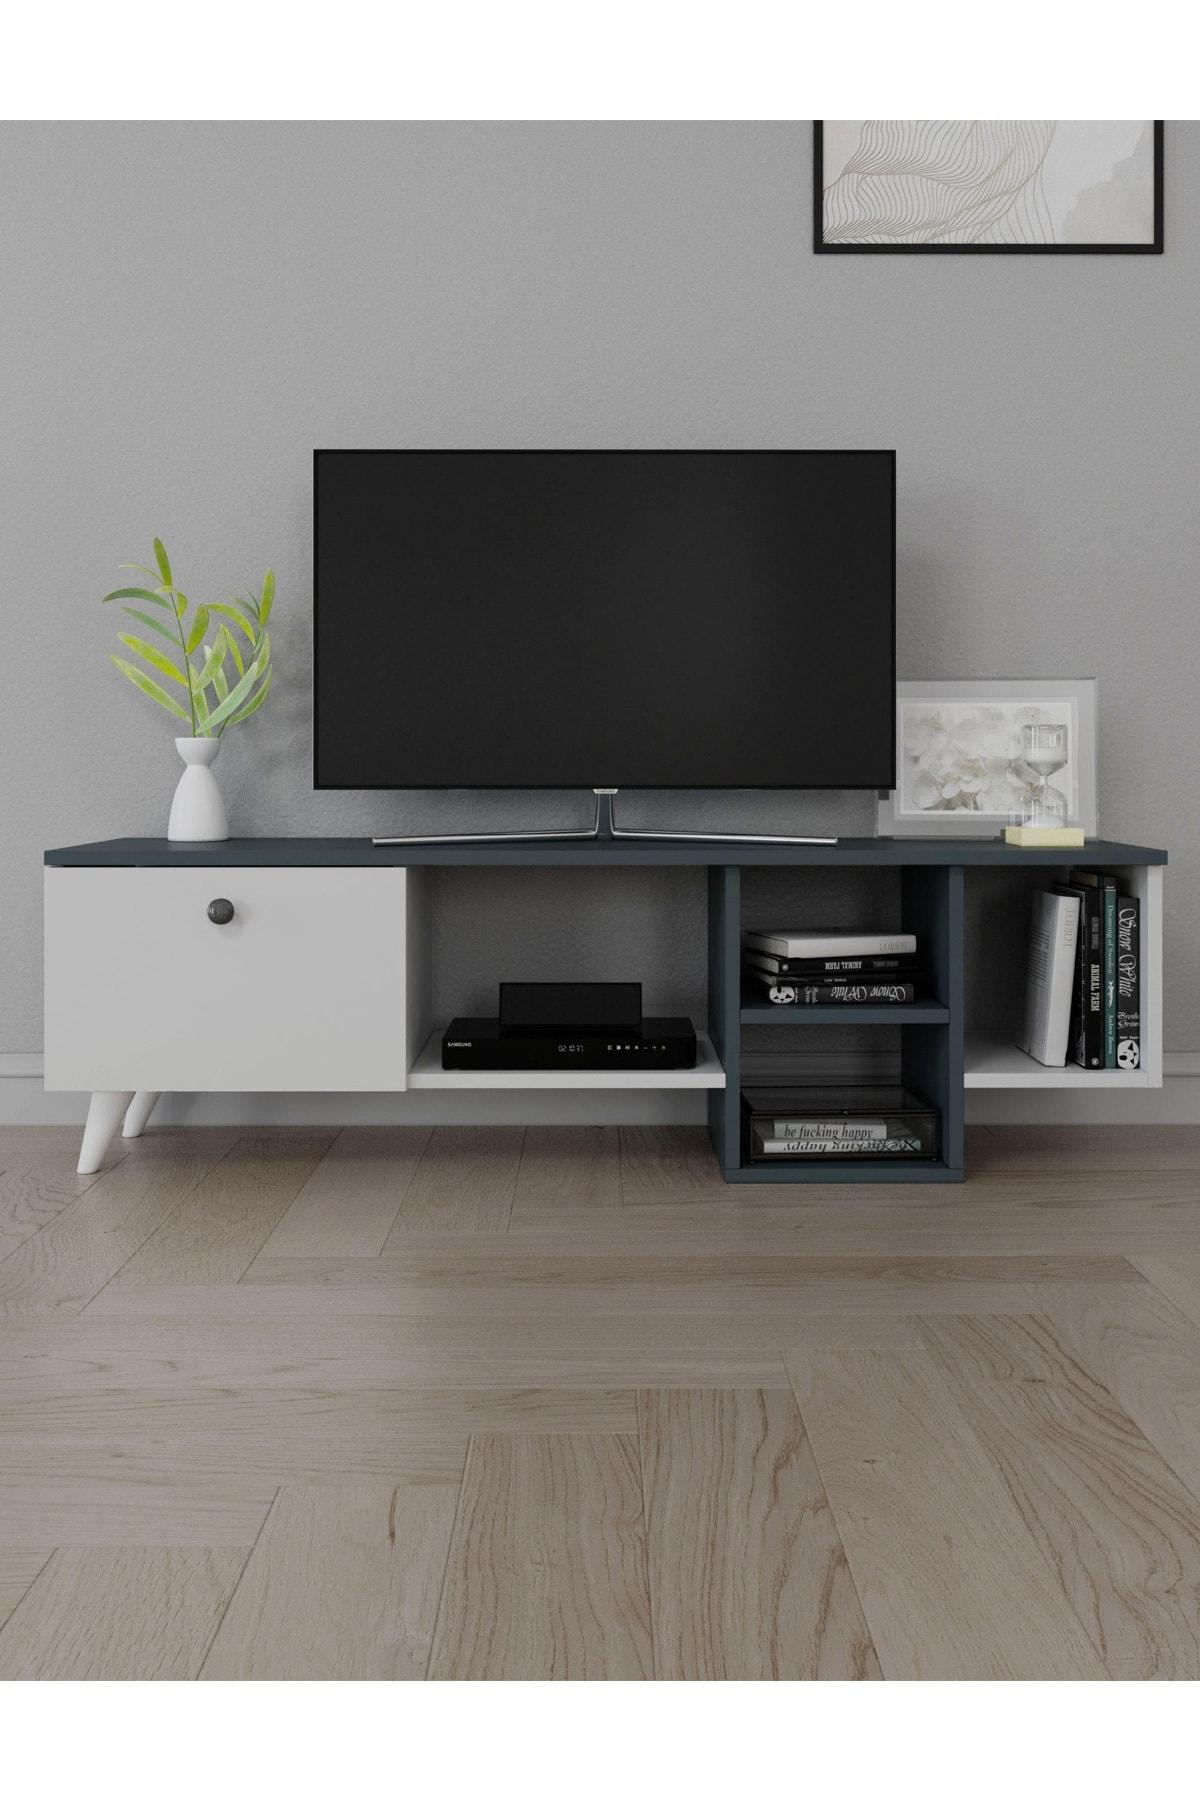 Antrasit Televizyon Sehpası Kutu Raflı Tv Ünitesi Salon Mobilyası